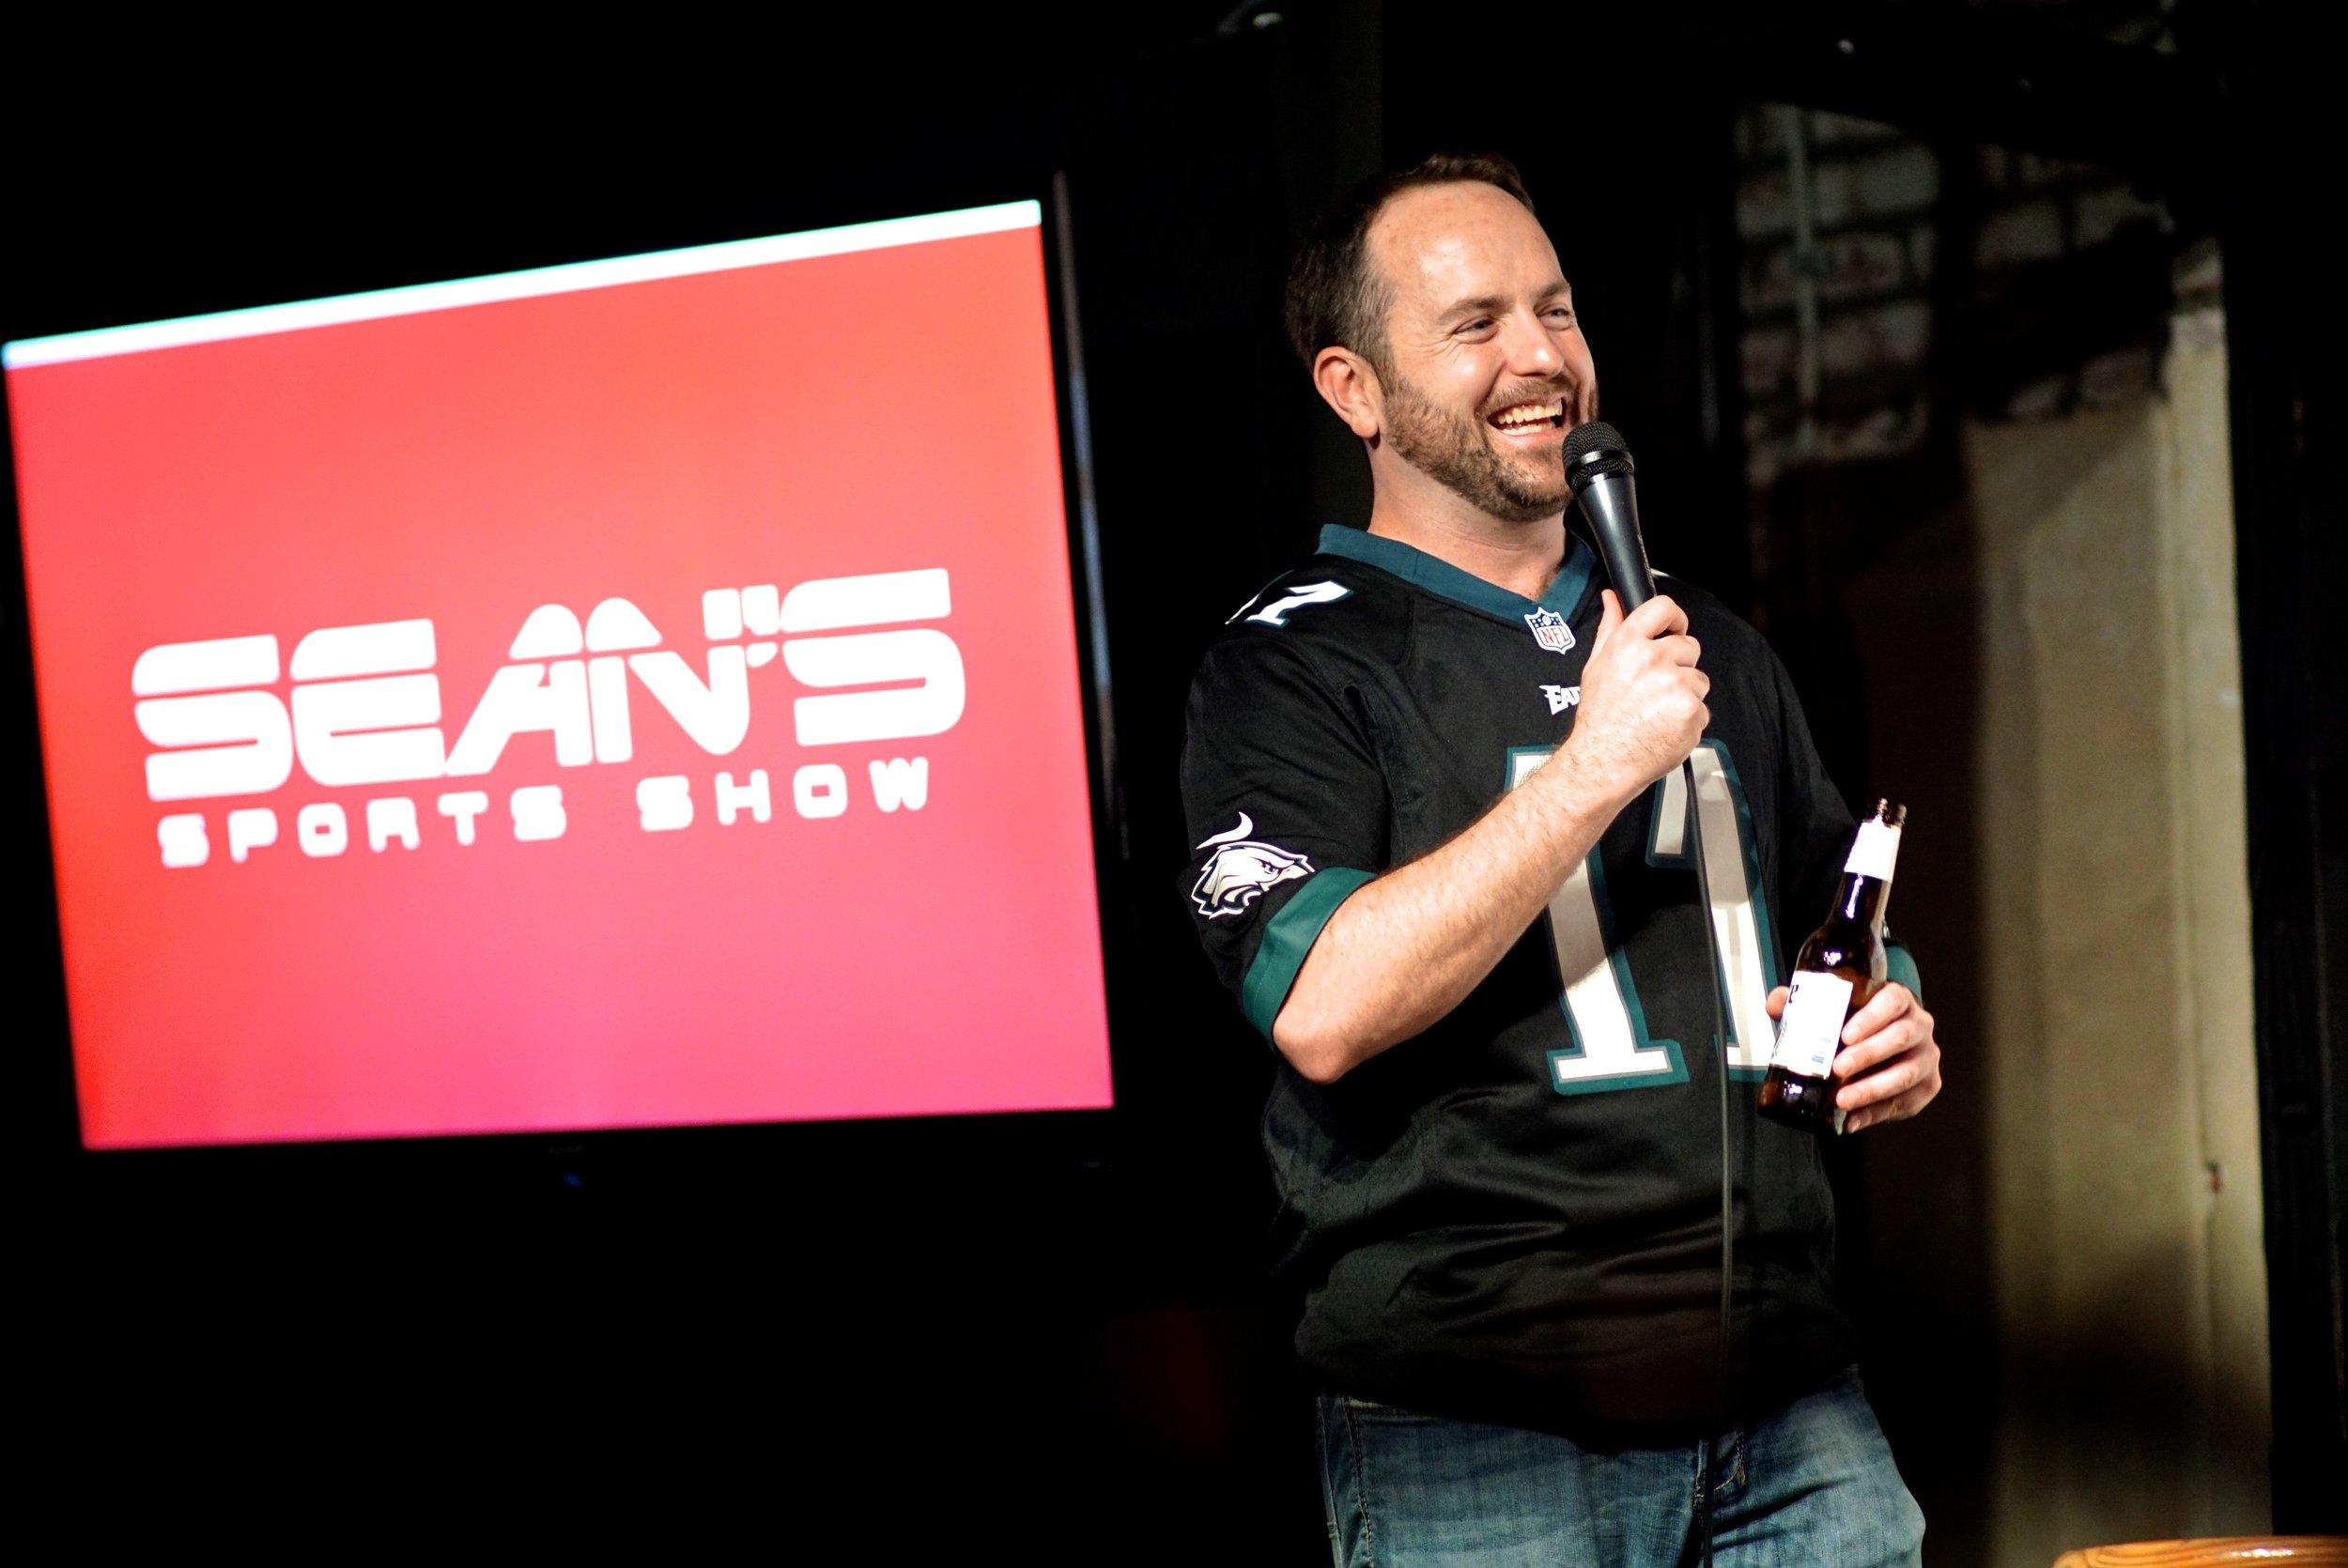 Sean Greens Sports Show 11.jpg